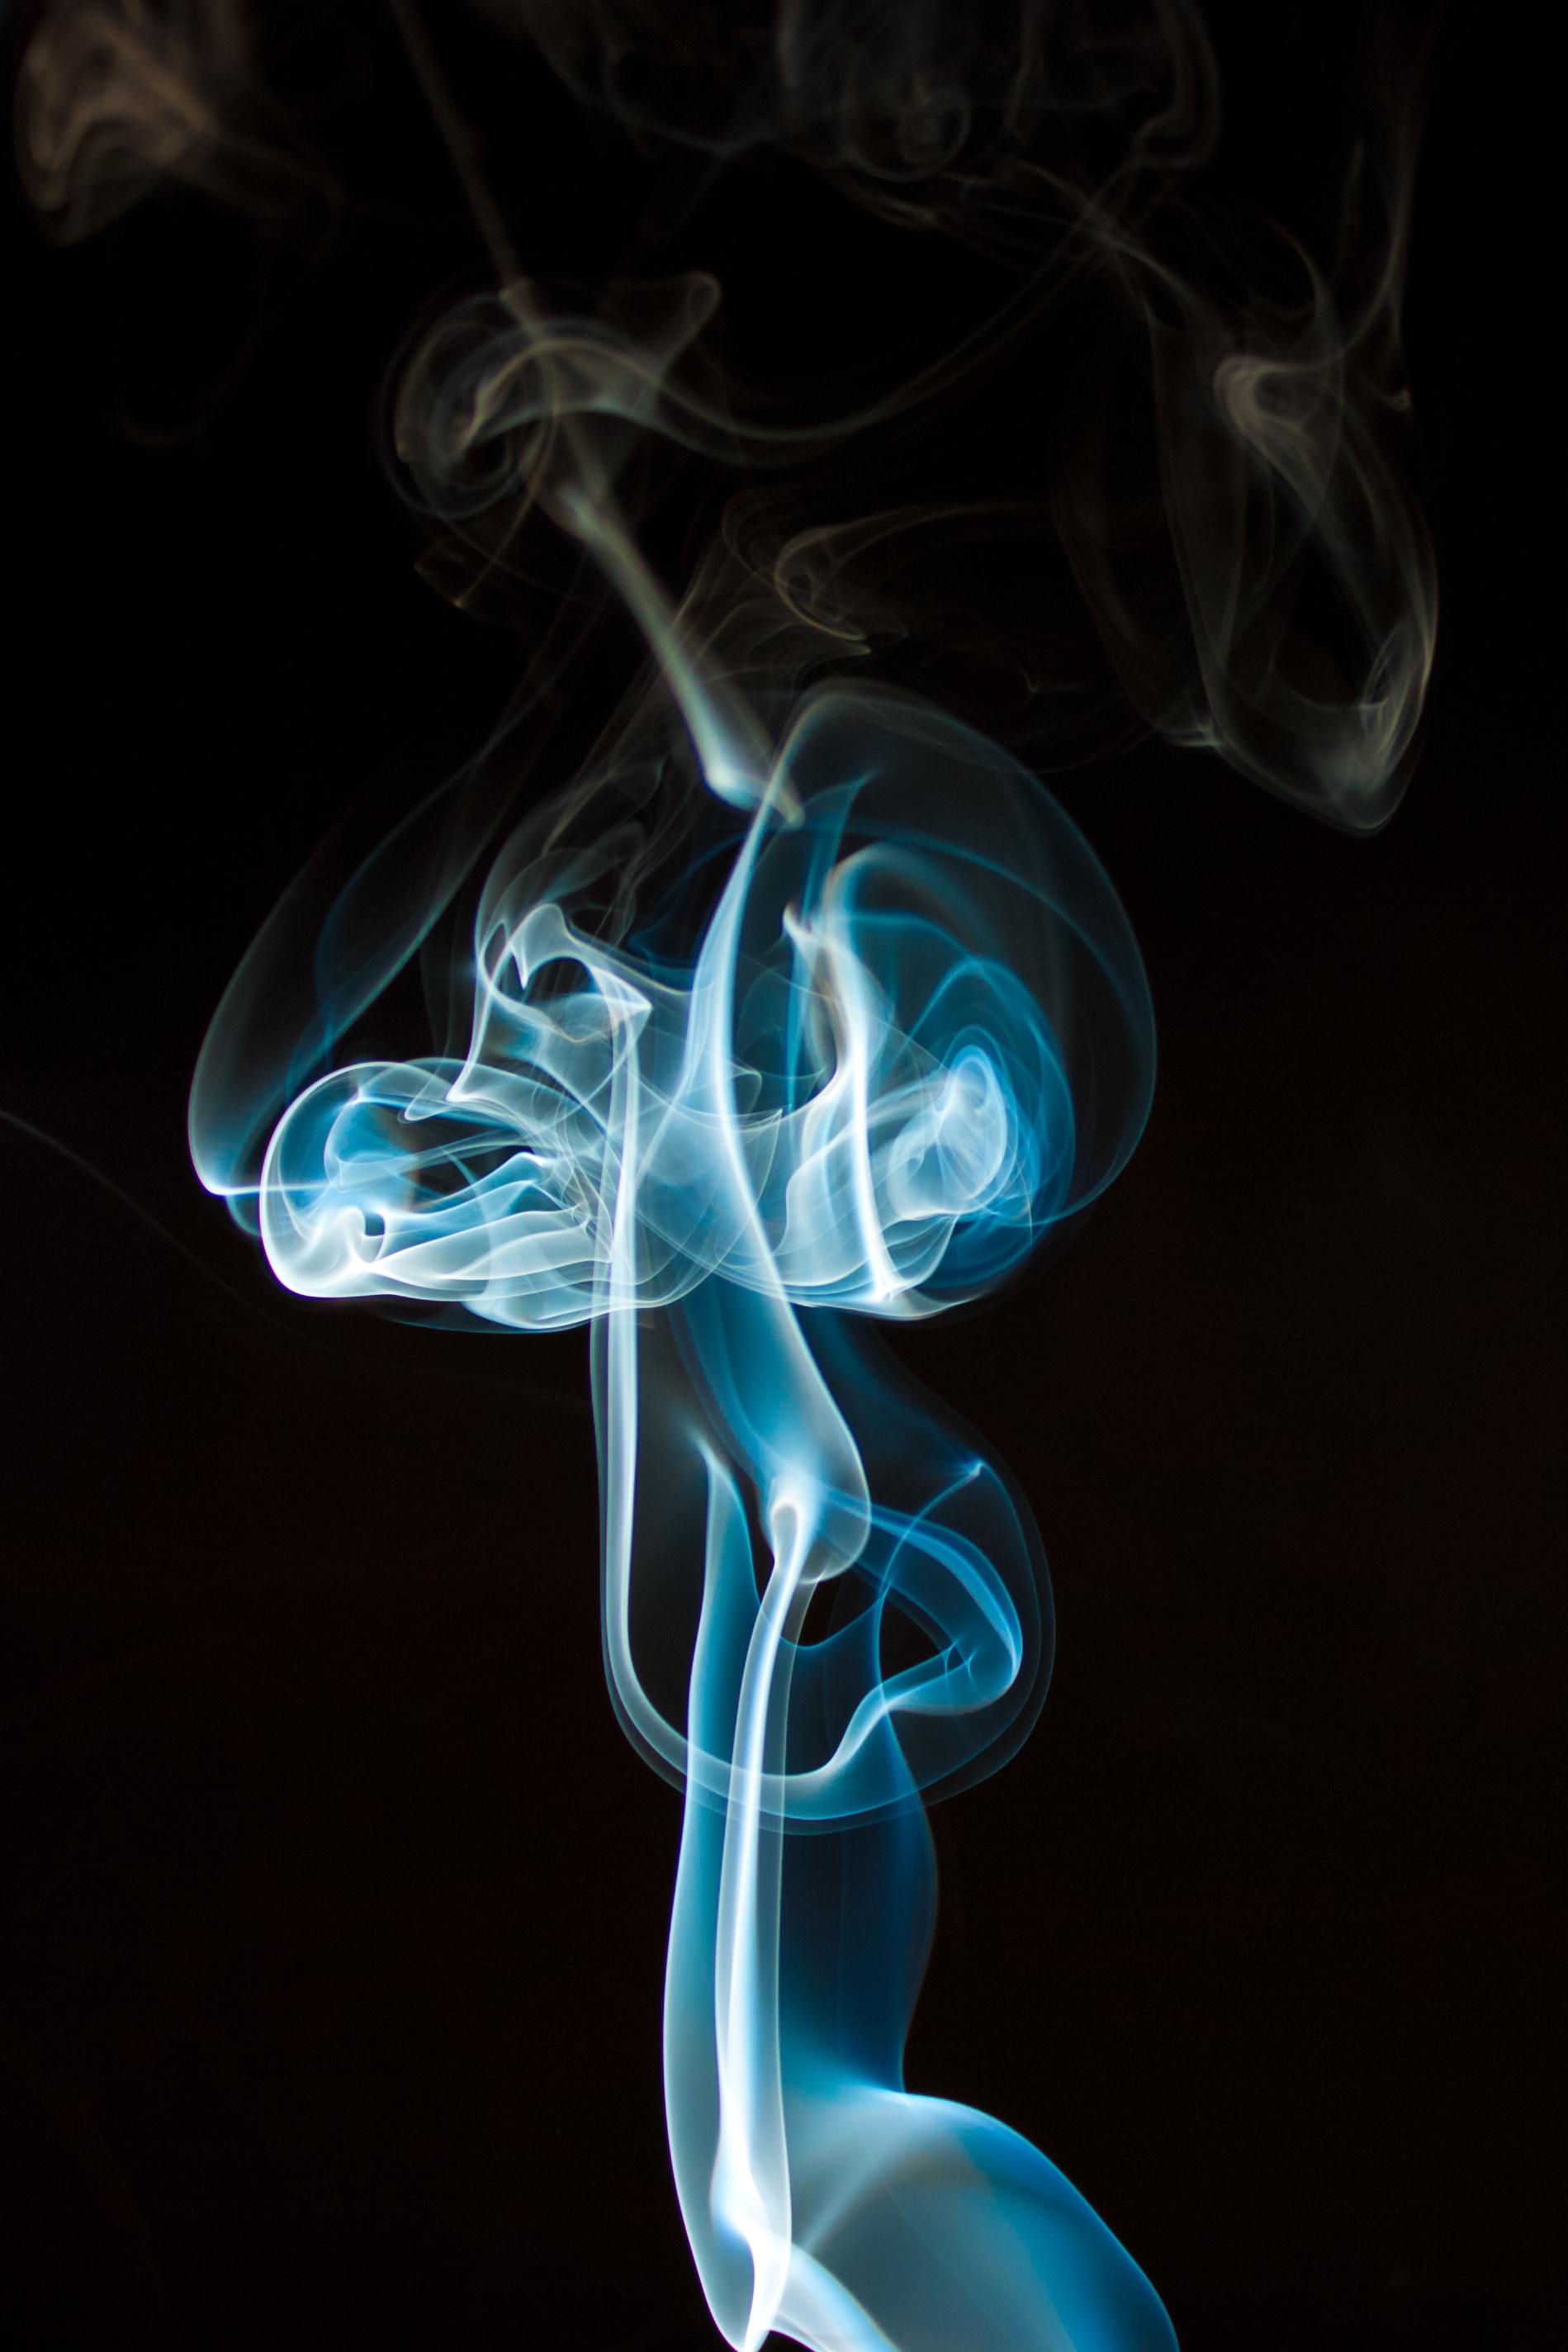 83806 Hintergrundbild herunterladen Hintergrund, Abstrakt, Raucher, Das Schwarze, Wellig - Bildschirmschoner und Bilder kostenlos